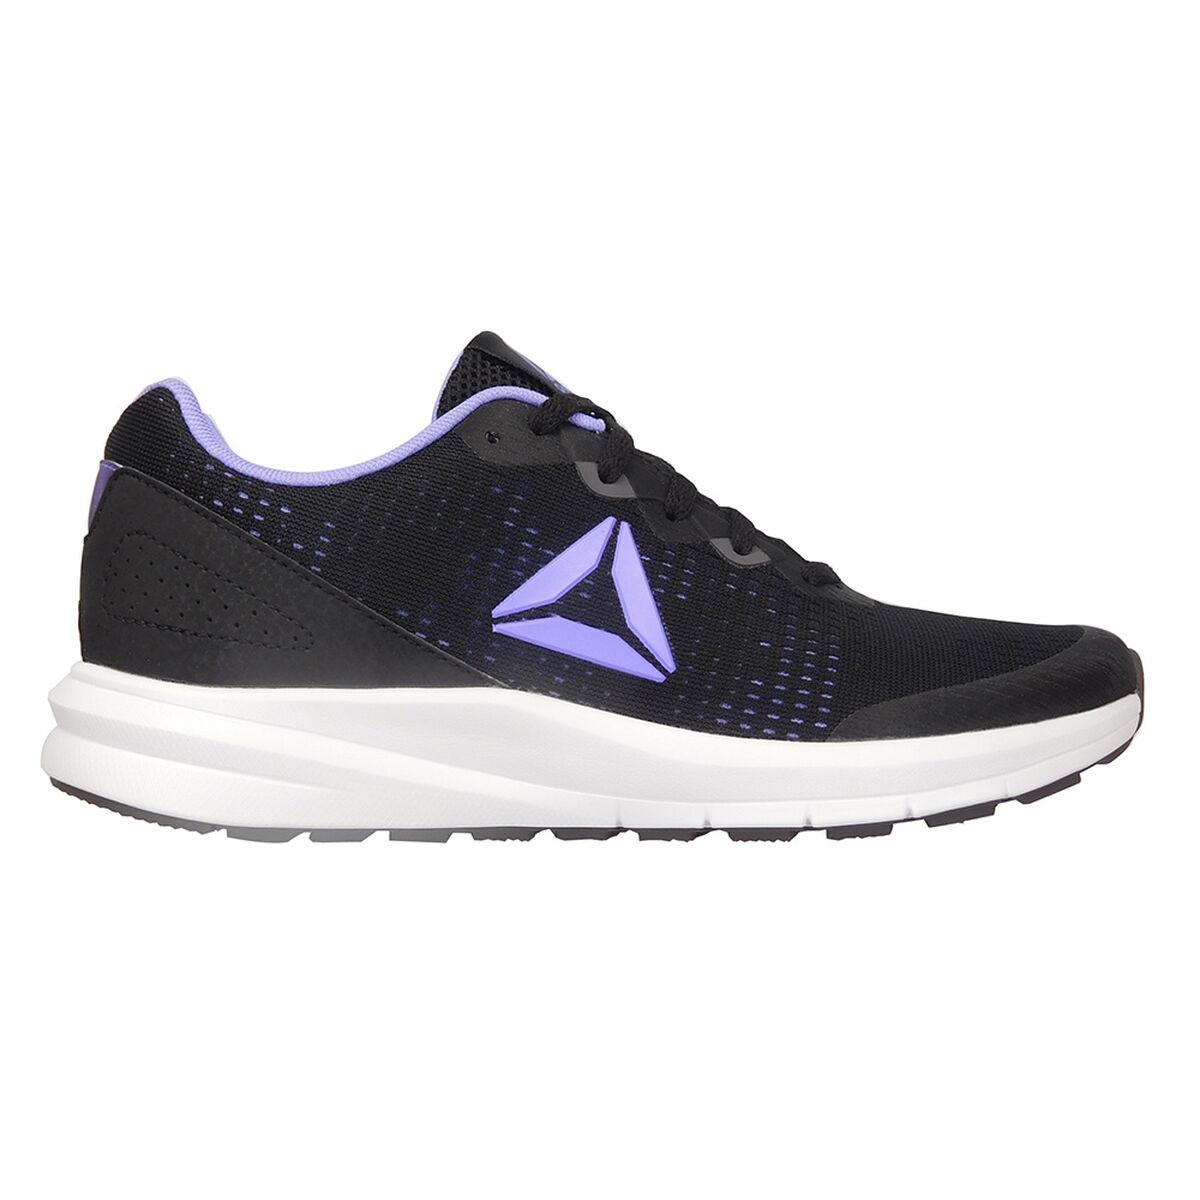 Zapatillas Reebok Mujer Running Runner 3.0